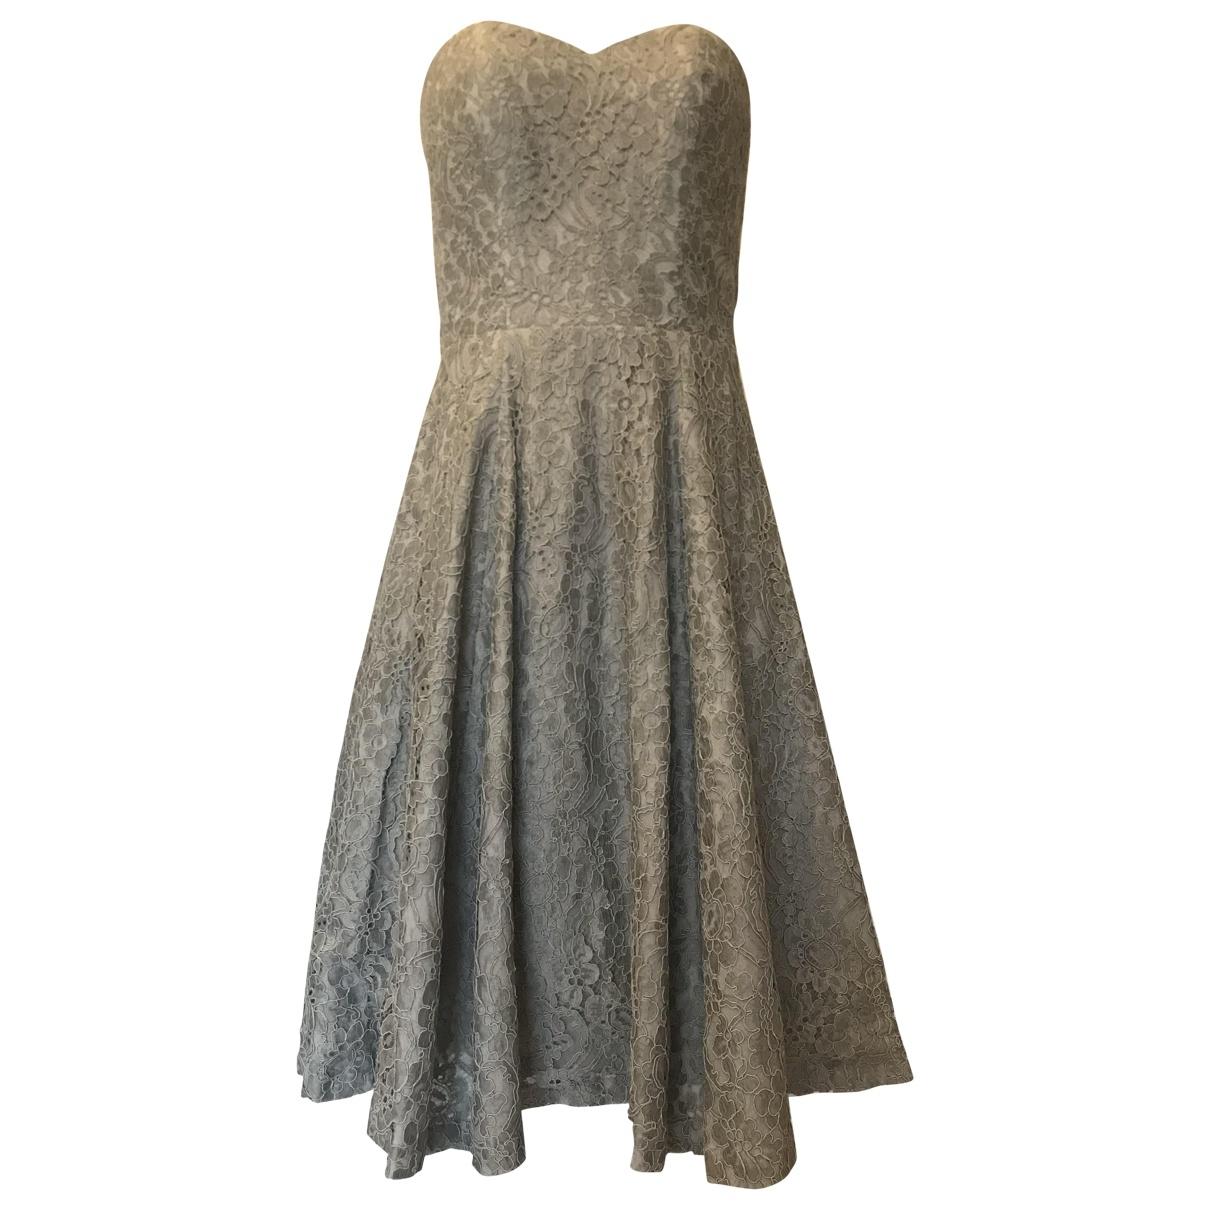 Paul & Joe \N Beige Lace dress for Women 38 FR